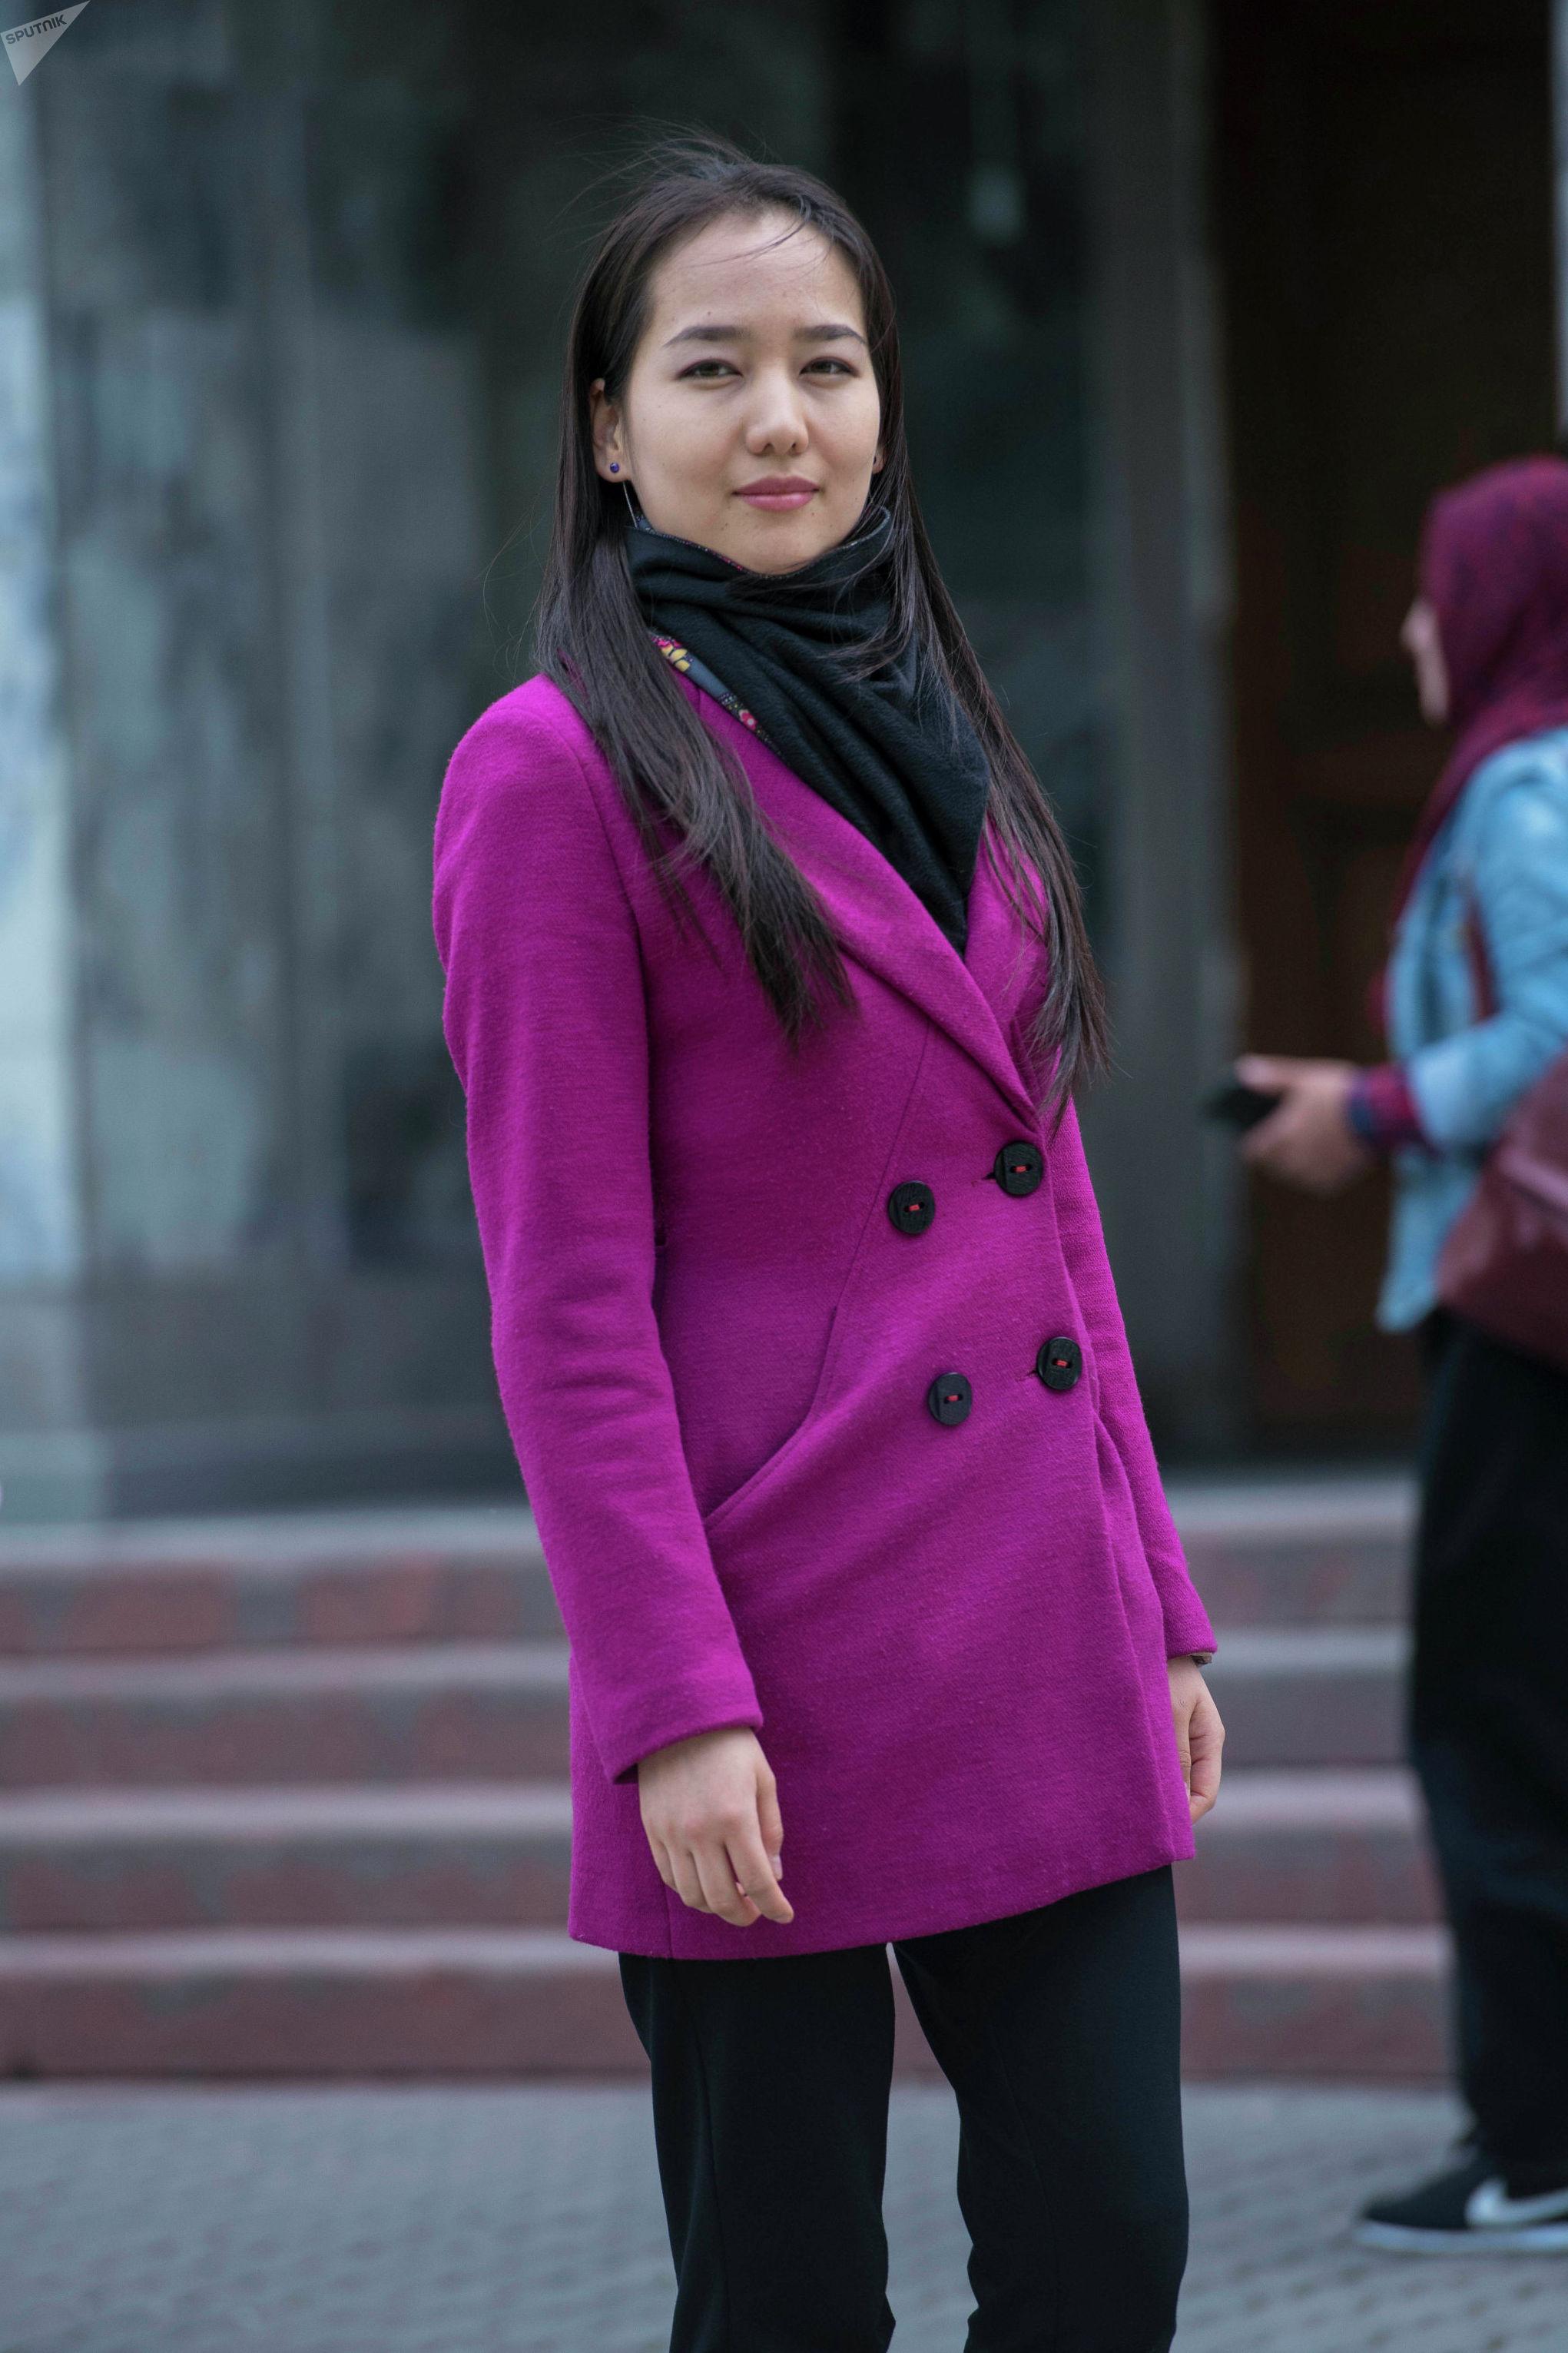 Бишкекчанка, которая стажируется в Управлении регулирования предпринимательской деятельности Айкан Кожоева